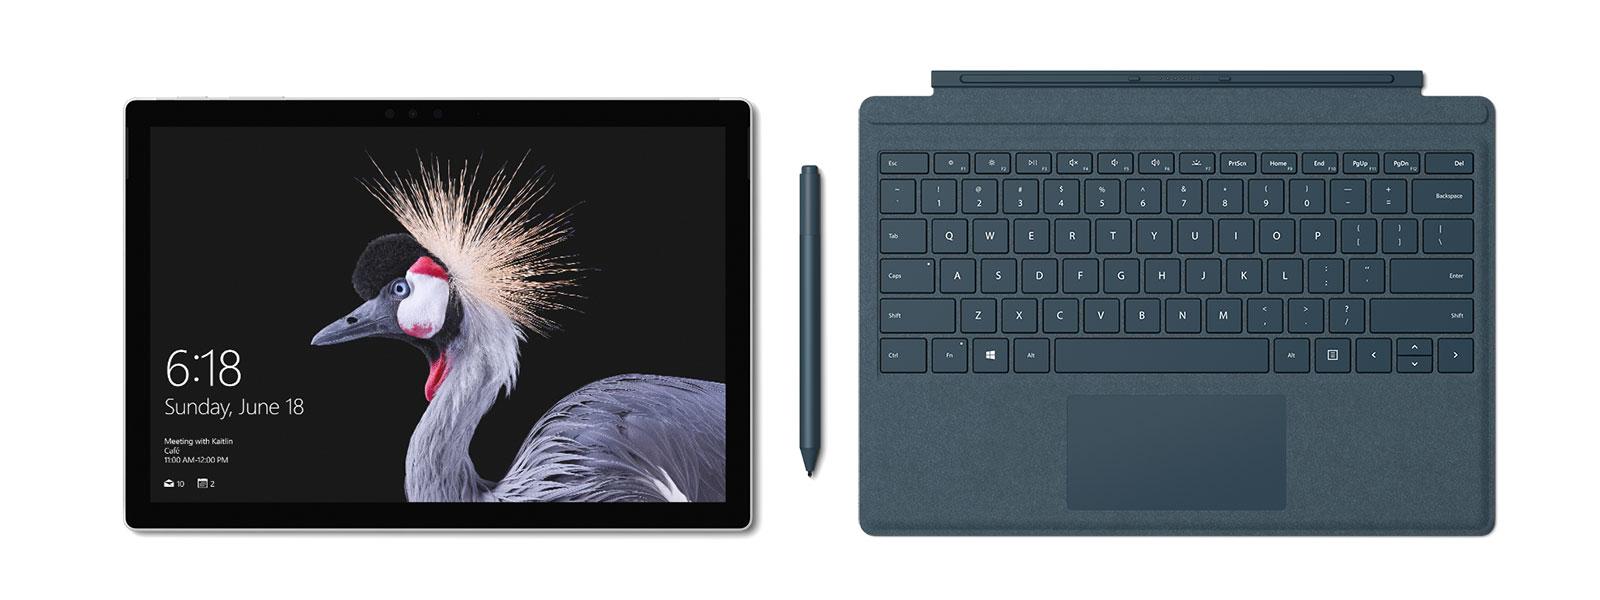 صورة لـ Surface Pro مع Surface Pro Signature Type Cover وSurface Pen وSurface Arc Mouse باللون الأزرق الداكن. يأتي مع قلم Surface Pen.